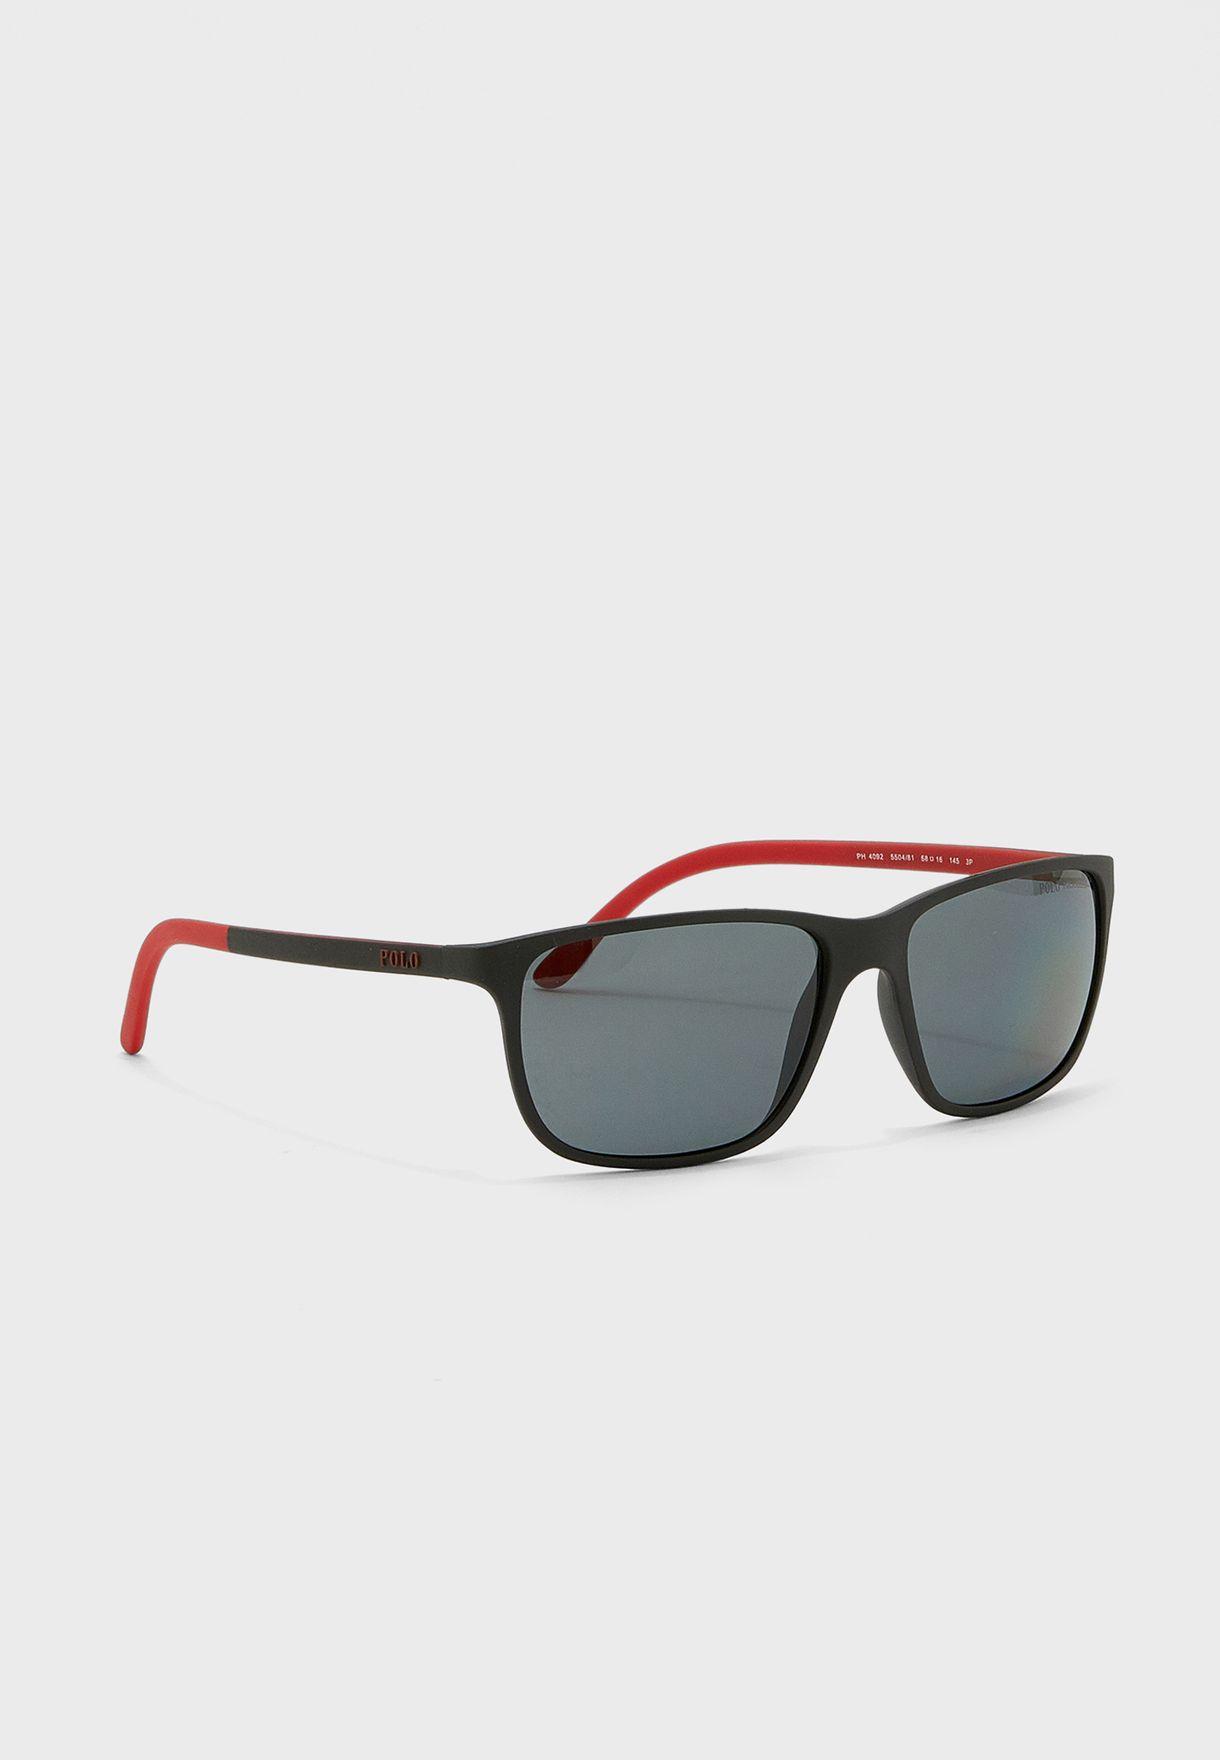 0Ph4092 Square Sunglasses